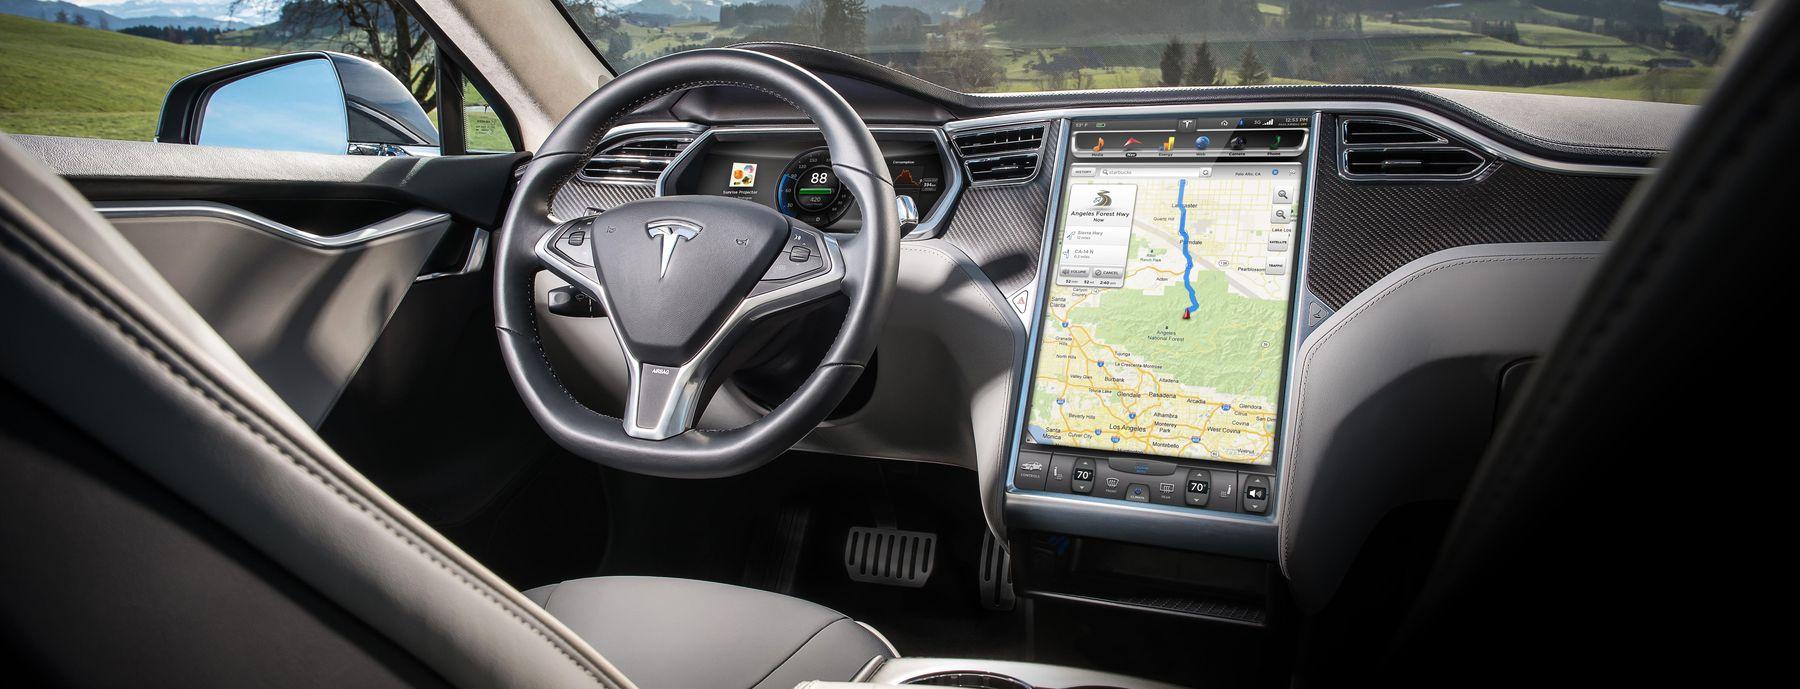 Увеличена дальность хода Tesla Model S за счет ПО